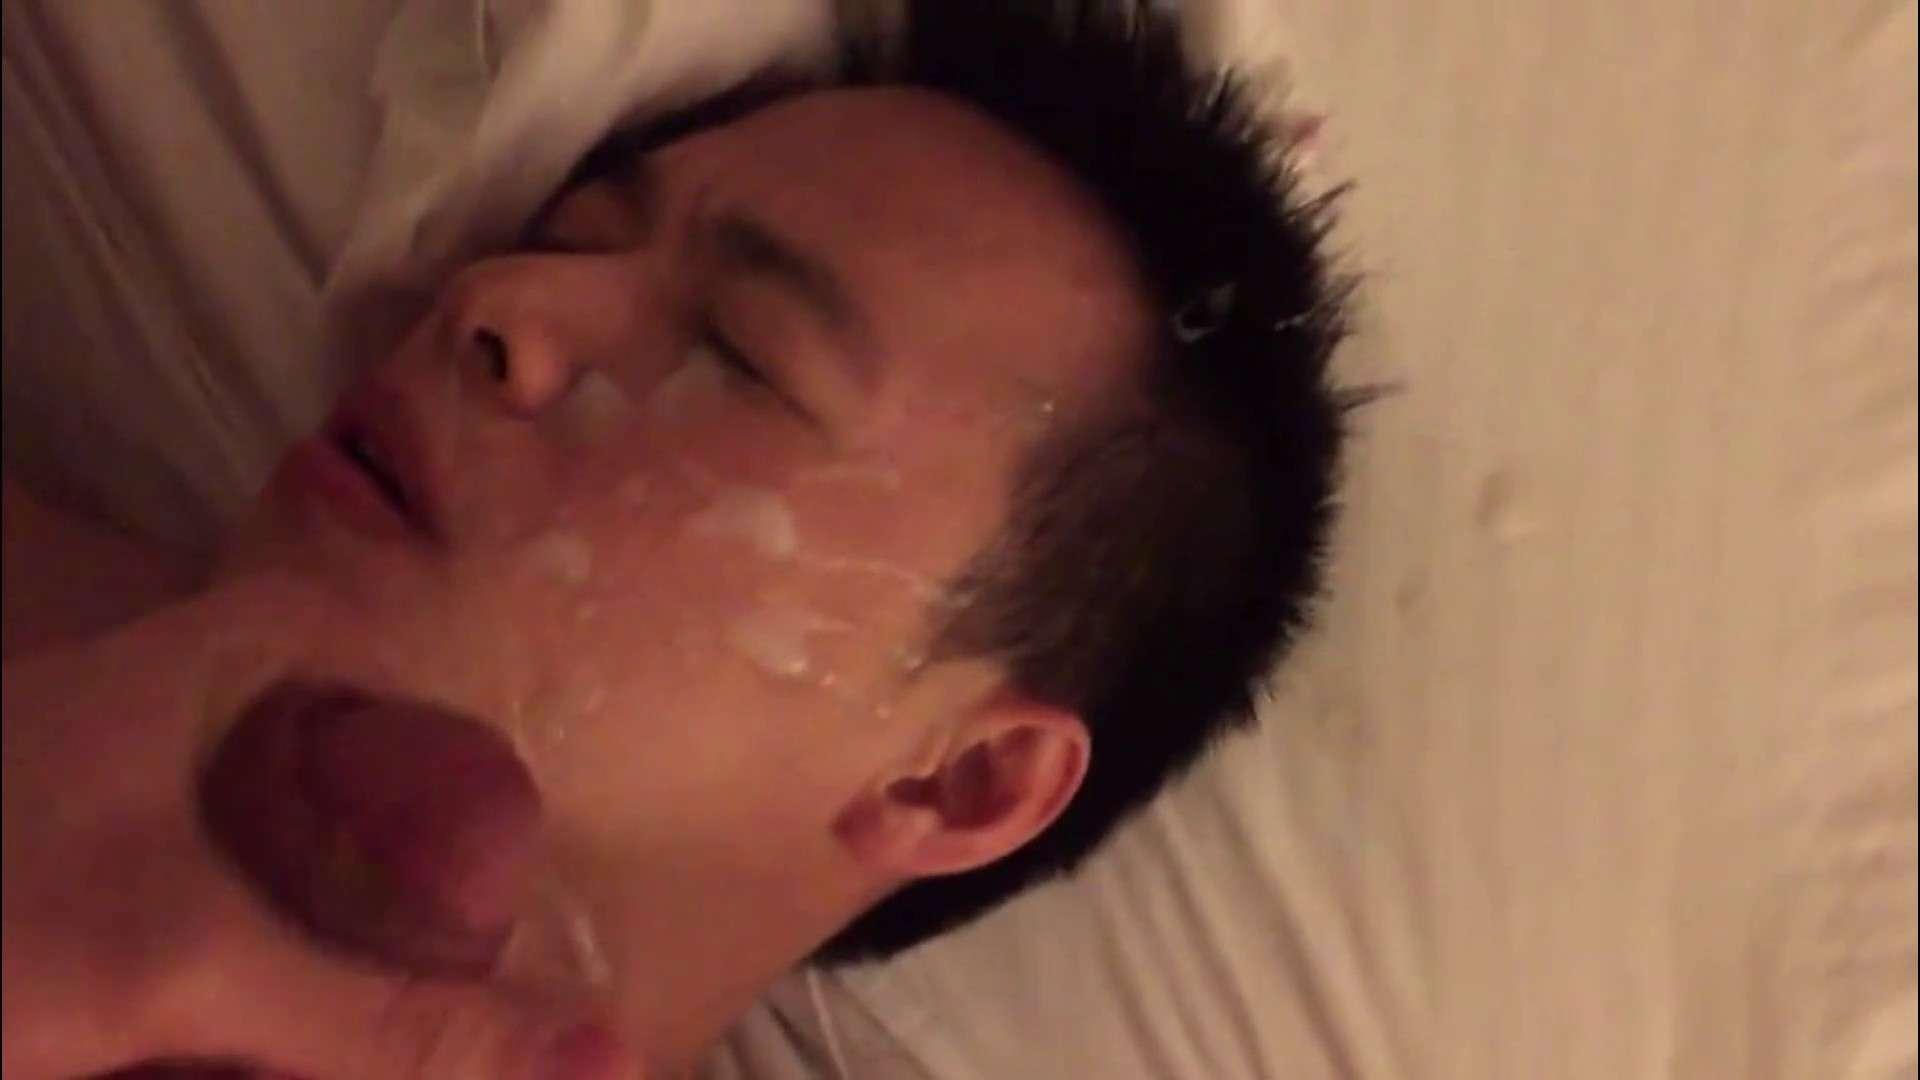 エロいフェラシーンをピックアップvol43 男まつり ゲイ無修正動画画像 96枚 64